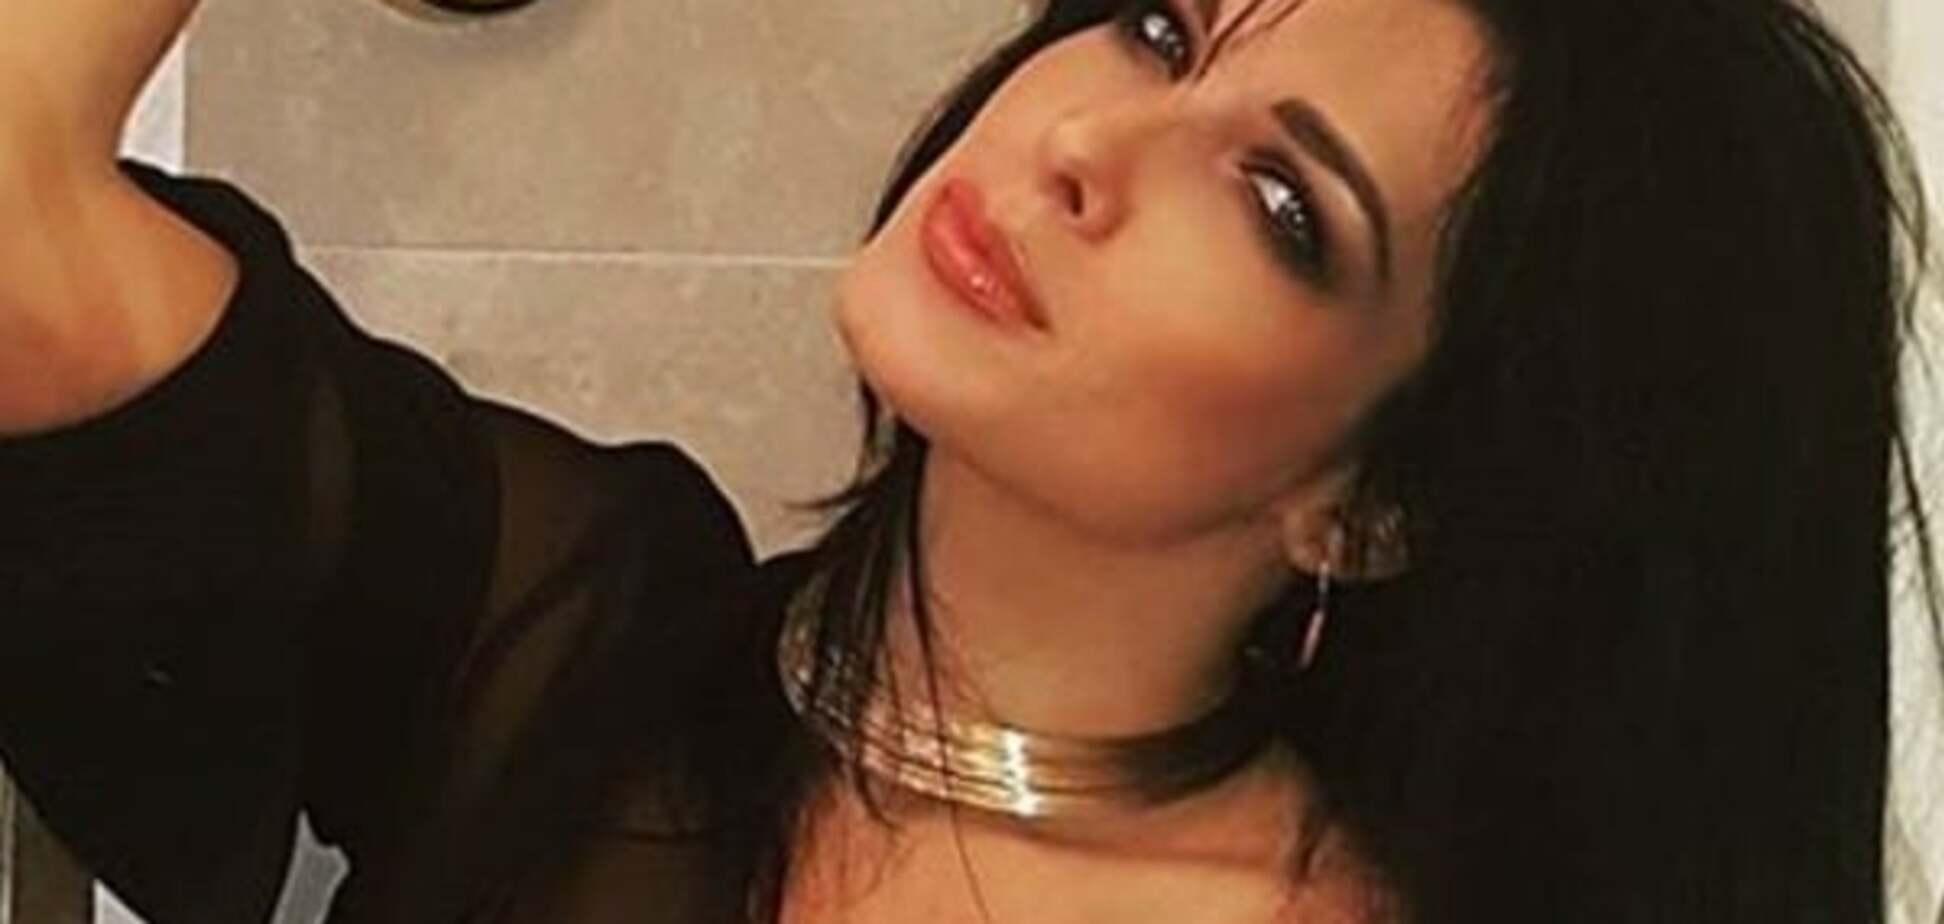 На ночь глядя: экс-'ВИА Гра' показала тело в прозрачном халате